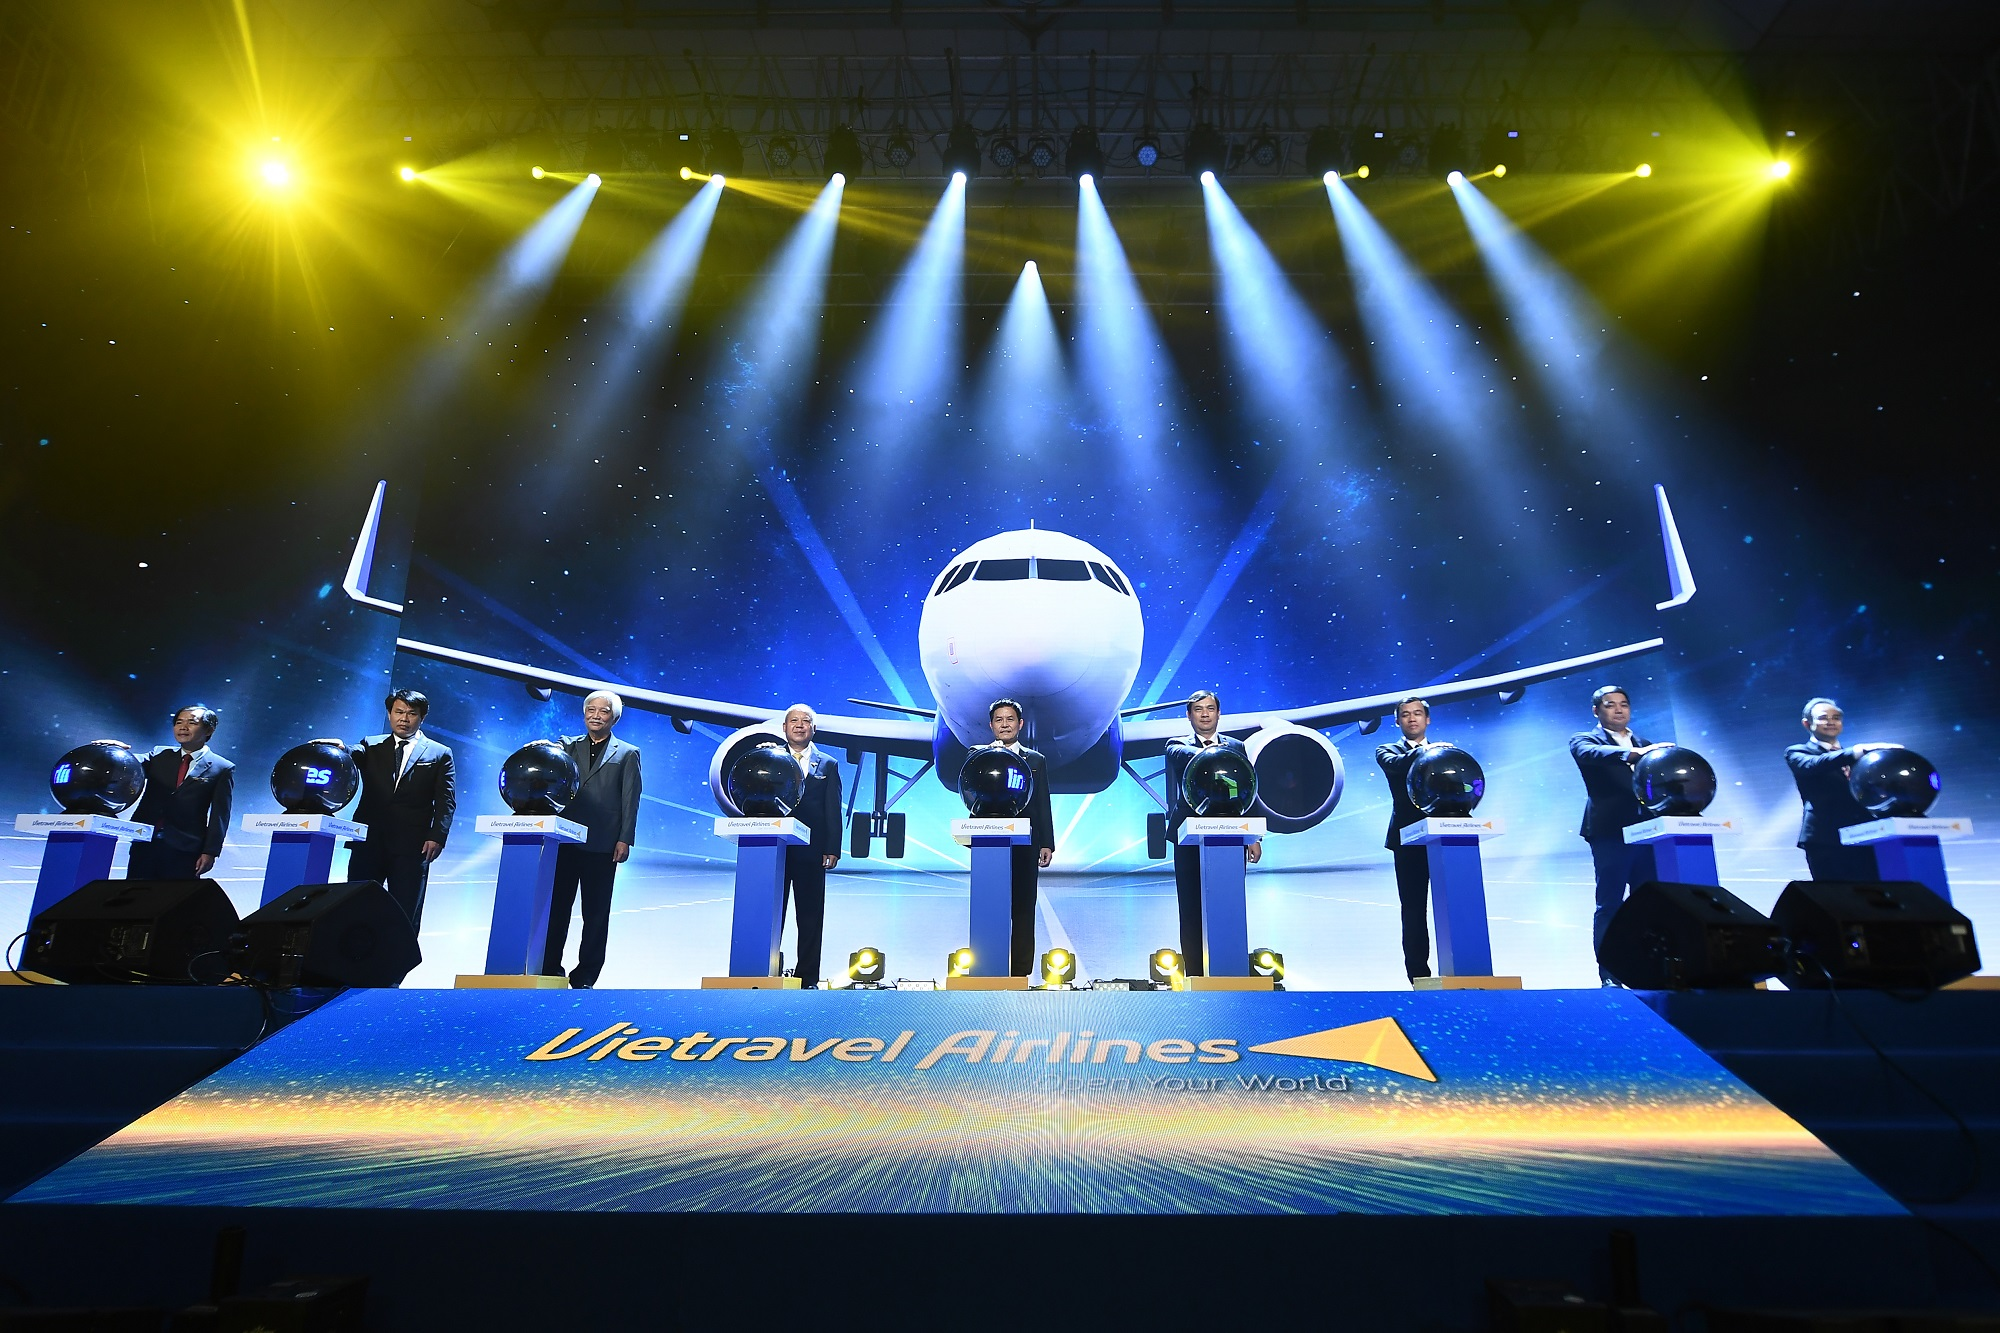 Hãng hàng không lữ hành đầu tiên của Việt Nam – Vietravel Airlines vừa chính thức ra mắt sau hơn 1.000 ngày kể từ khi có đề án thành lập.